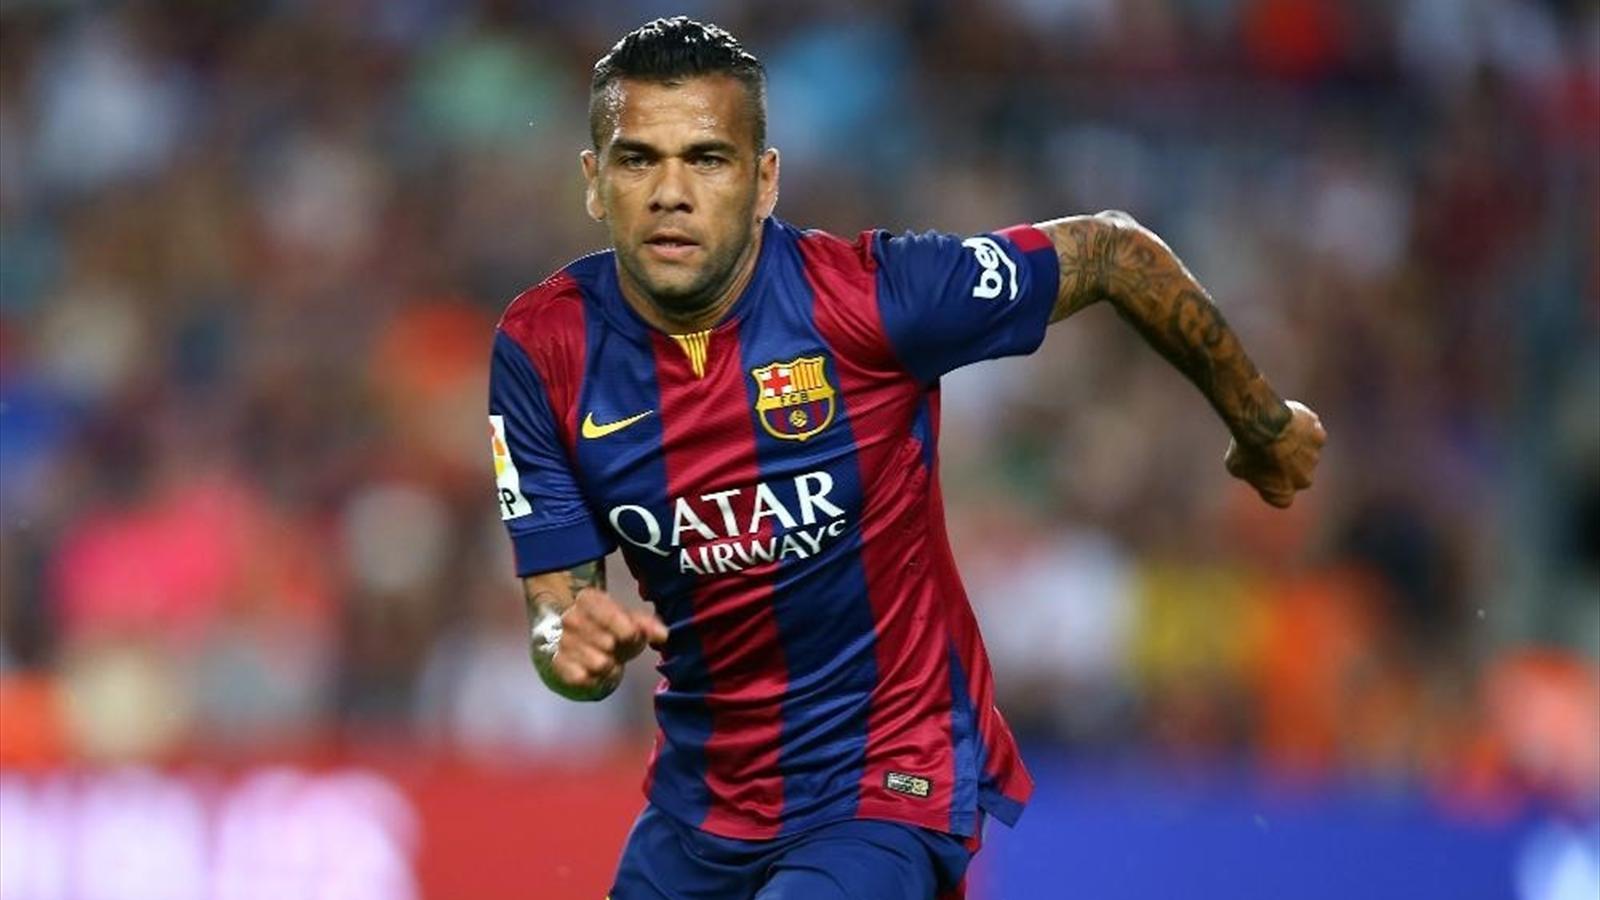 Dani Alves 'on verge of exit' as Barcelona talks stall - Liga 2011-2012 - Football - Eurosport